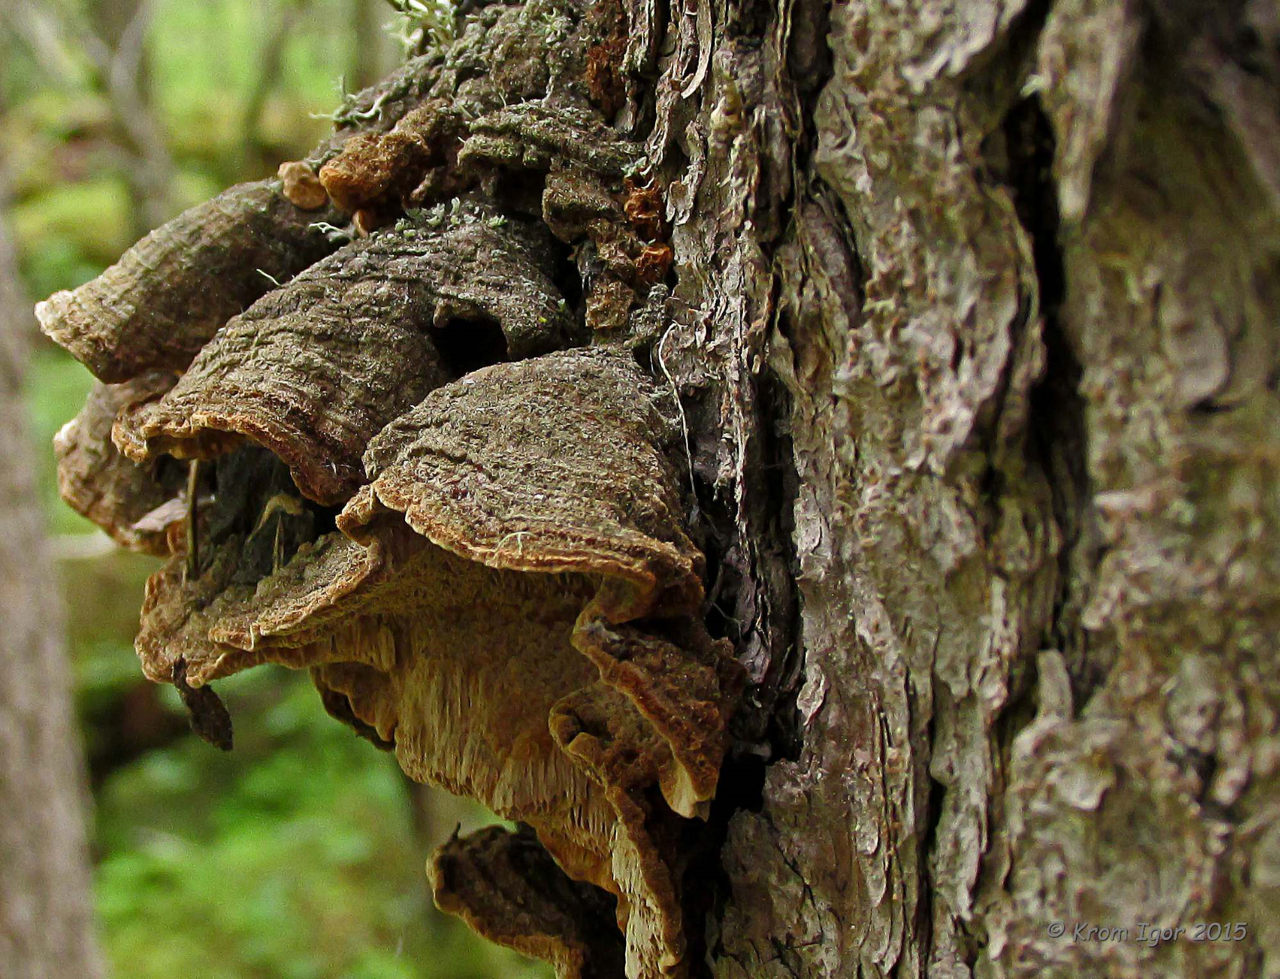 Еловая губка (Phellinus chrysoloma). Автор фото: Кром Игорь